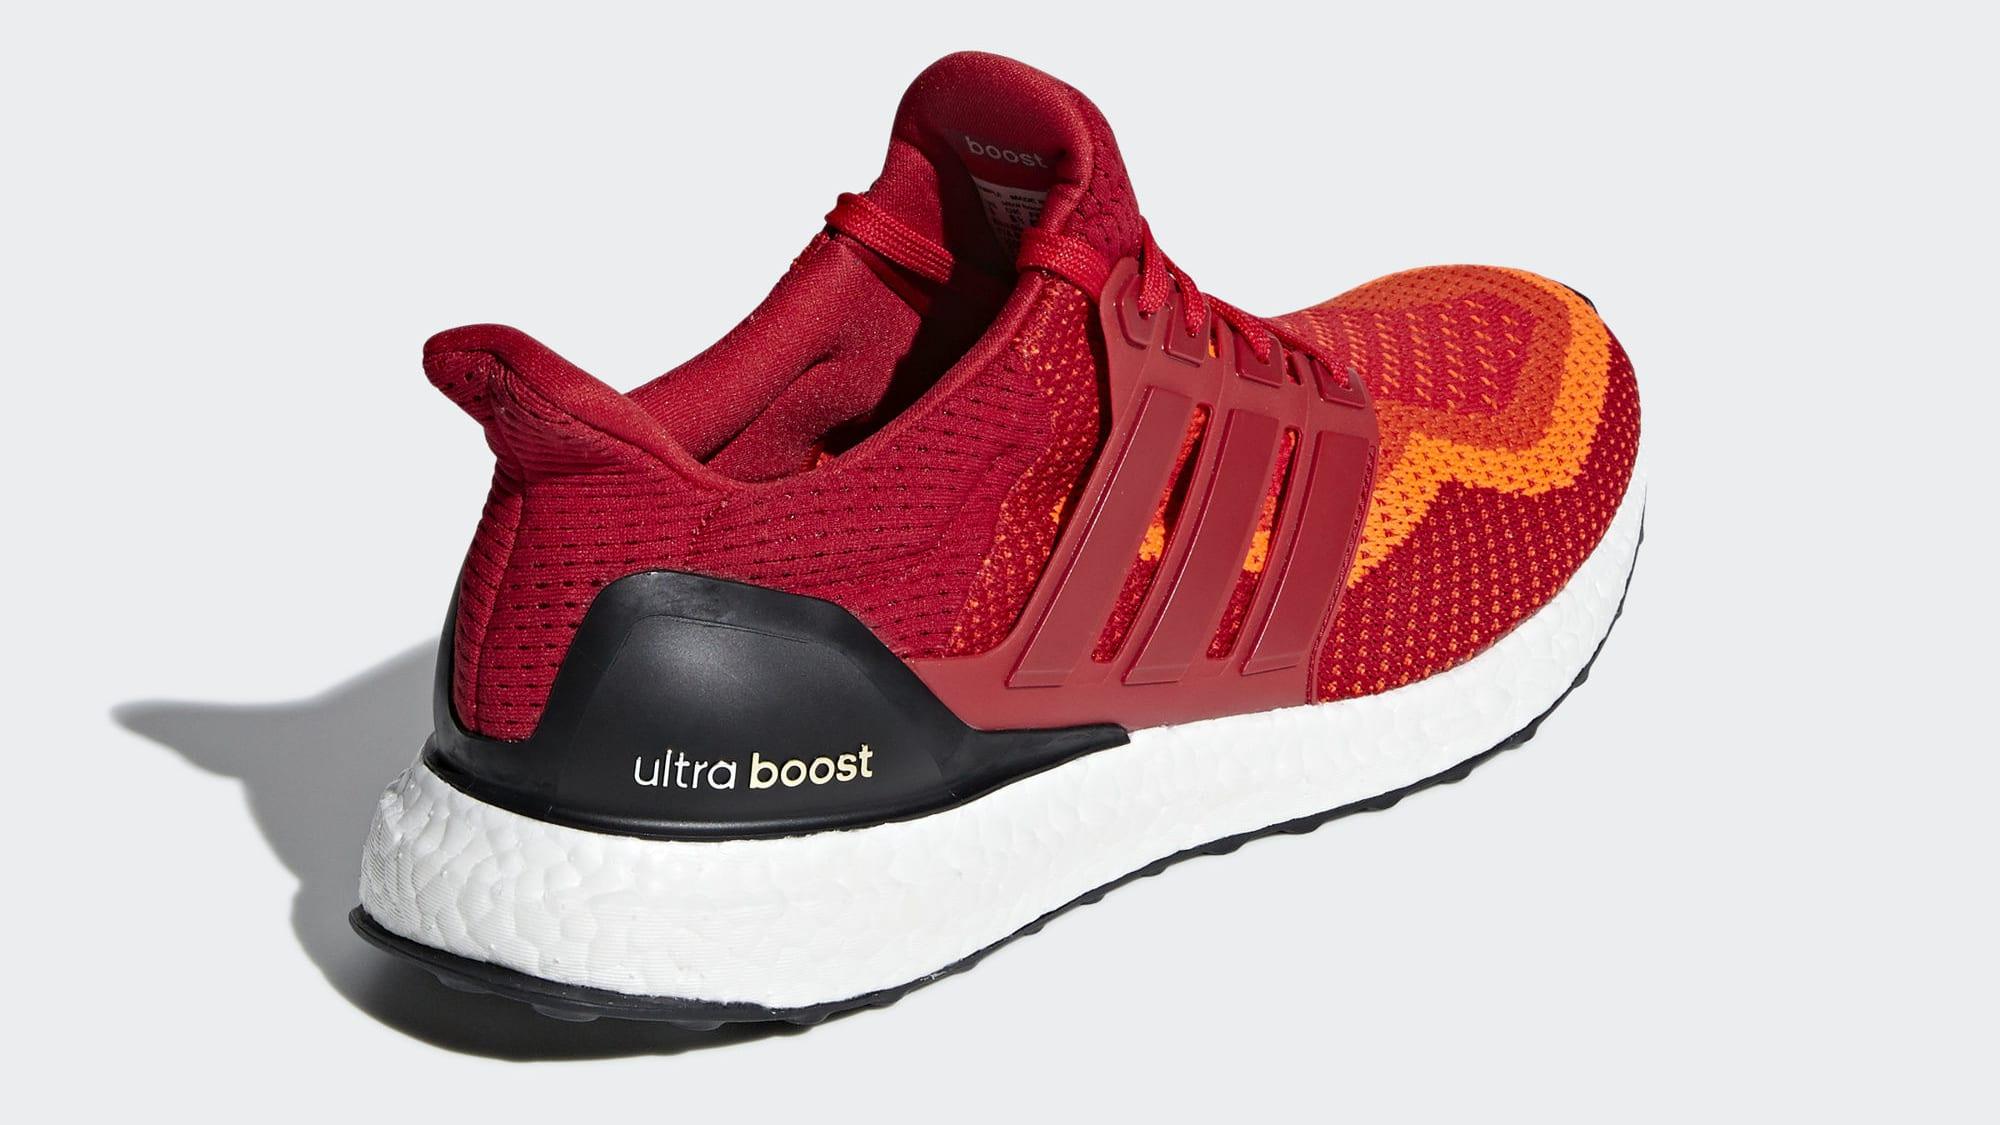 68e979e95e944 greece adidas ultra boost red solar 2e9d9 2a1b2  sweden image via adidas  adidas ultra boost 2 0 red gradient aq4006 5e25c 6e671